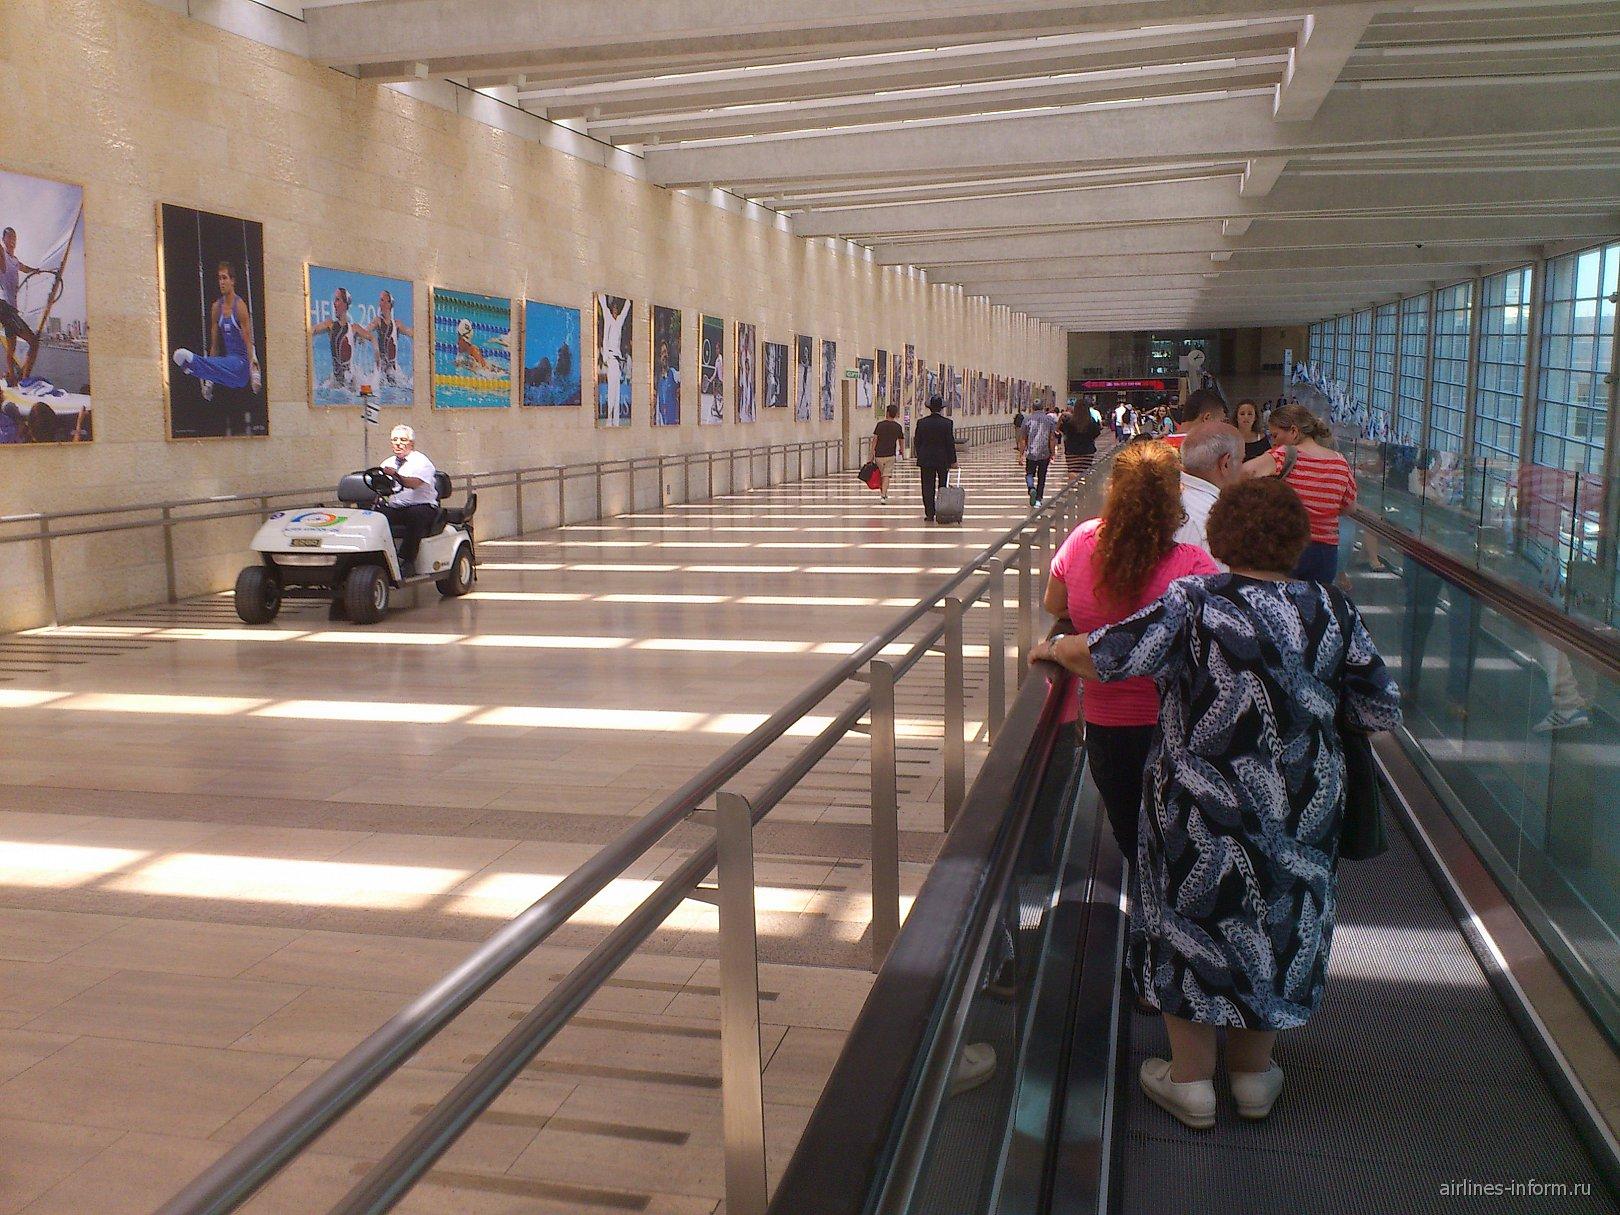 Коридор в чистую зону в аэропорту Бен-Гурион в Тель-Авиве